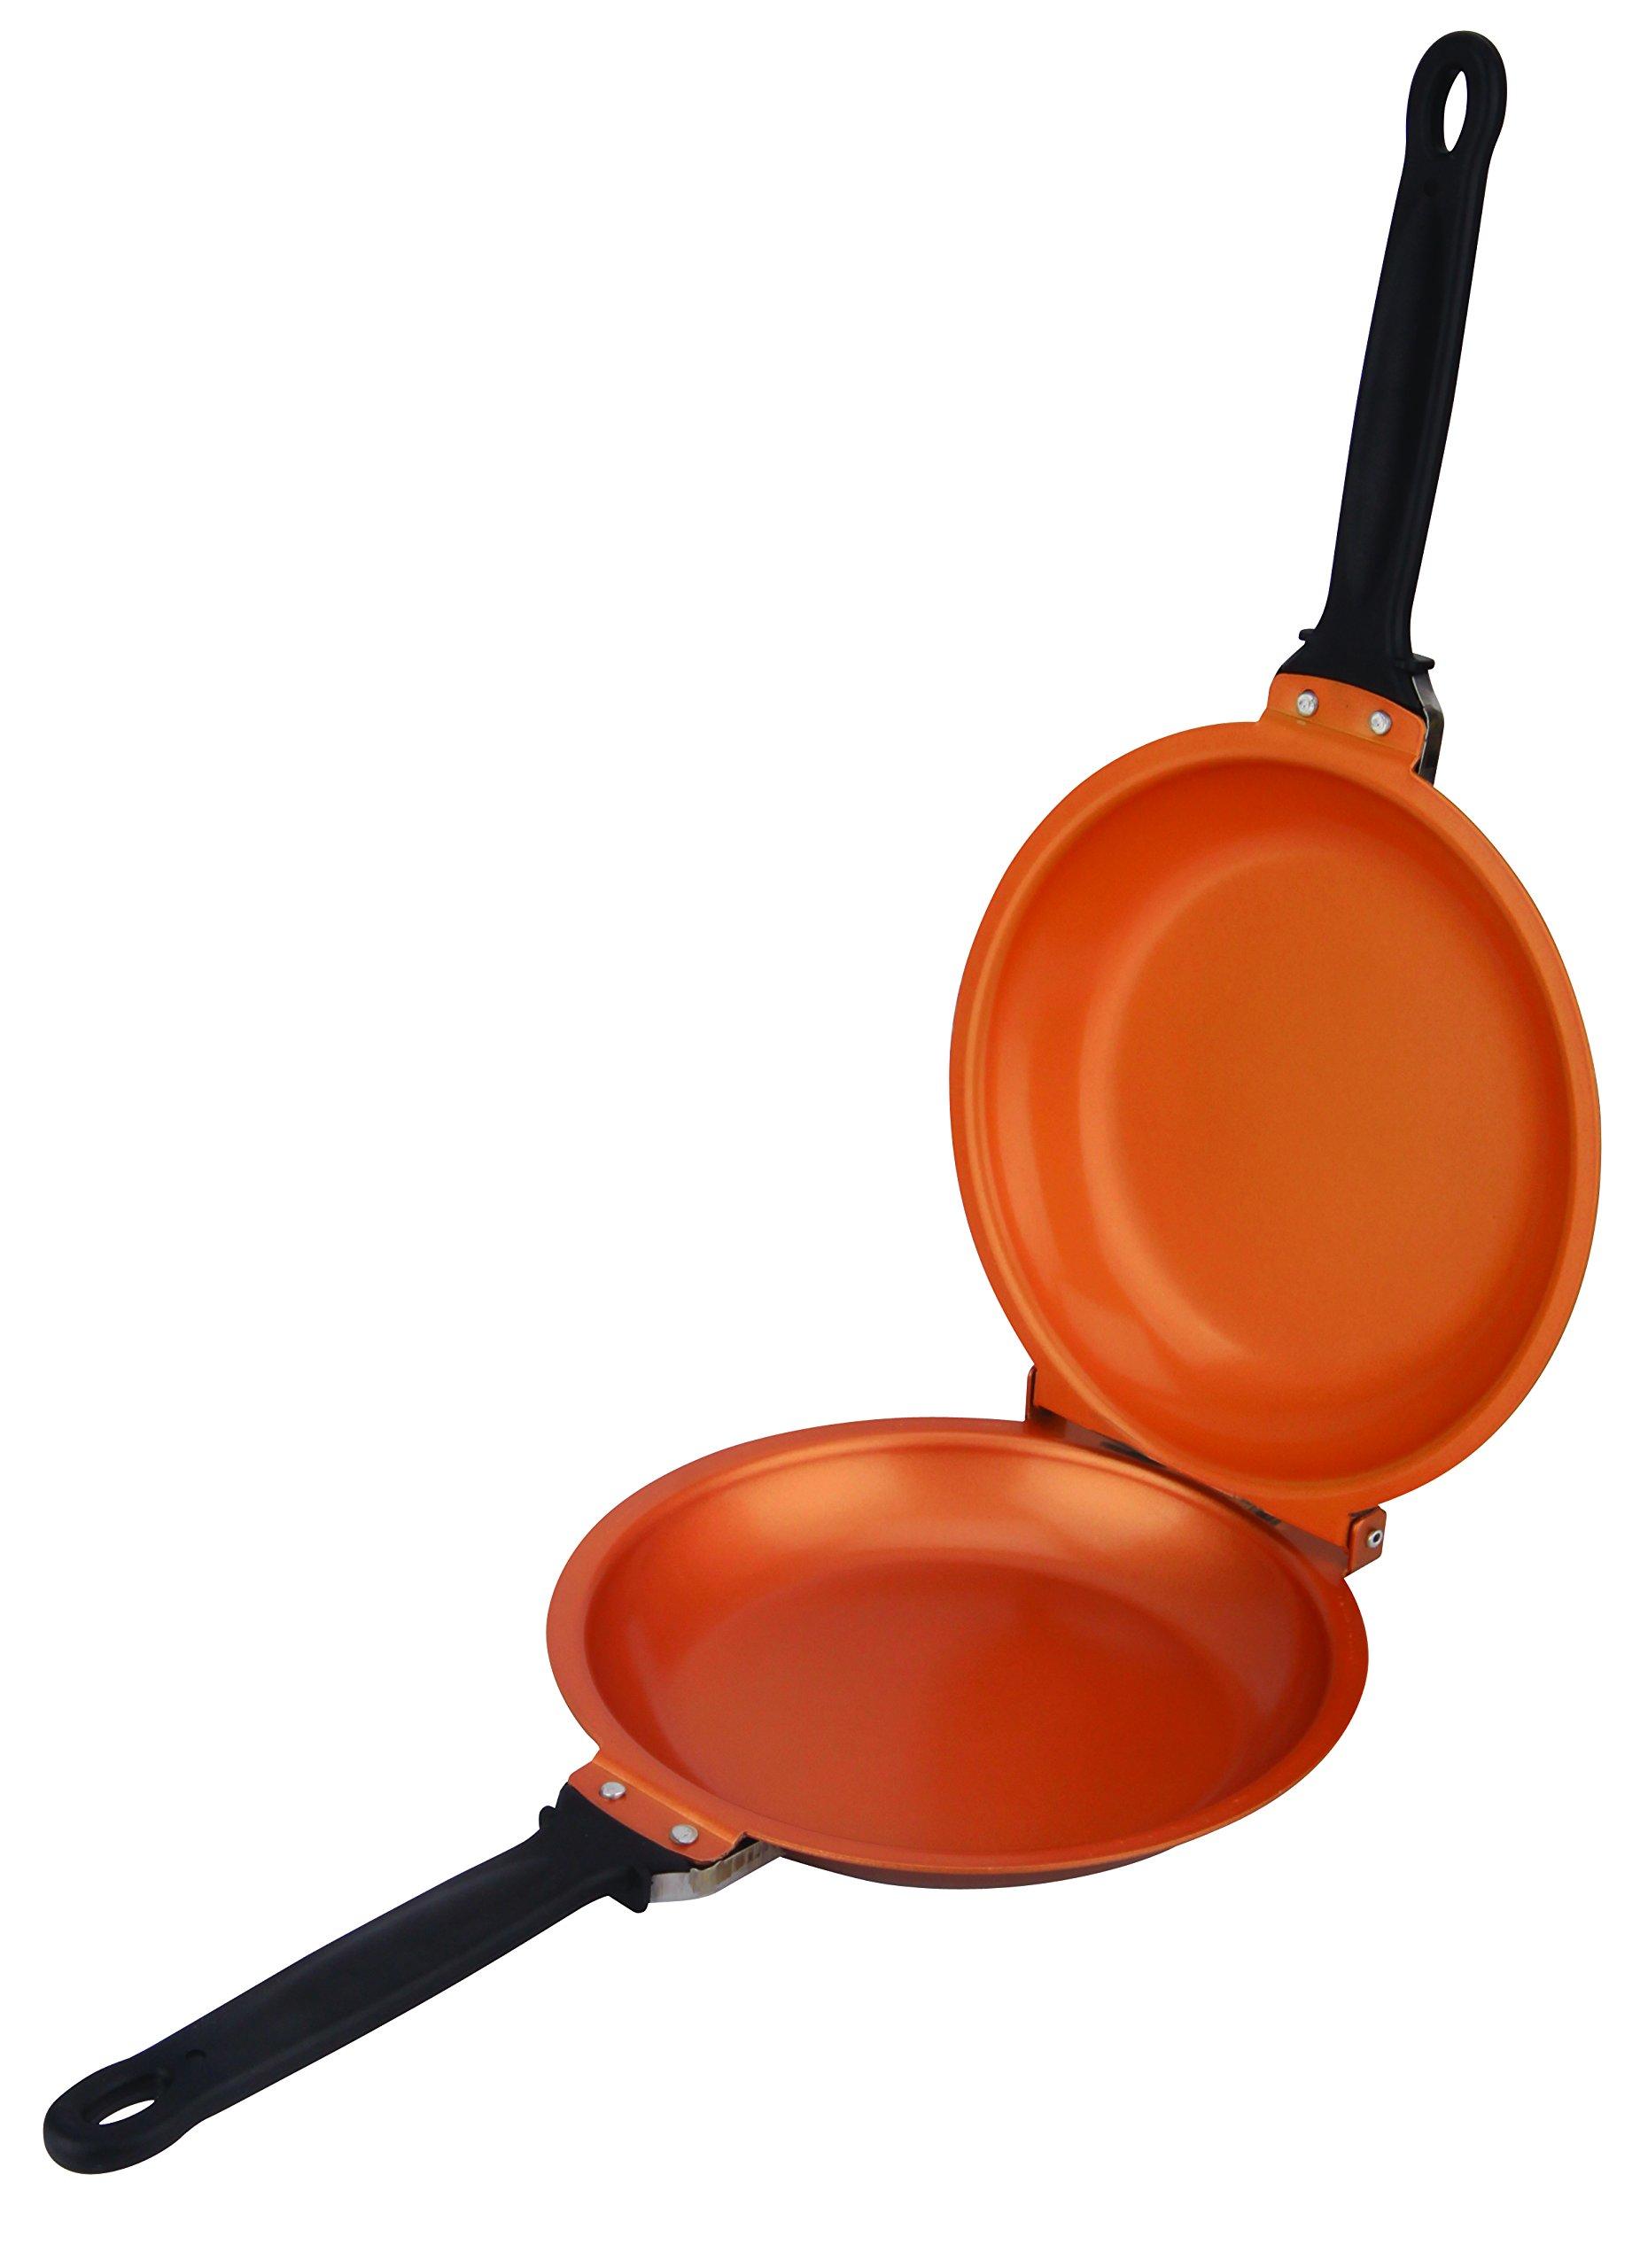 Pancake Copper Pans 8'' Non-Stick Flip Pancake Copper Pan